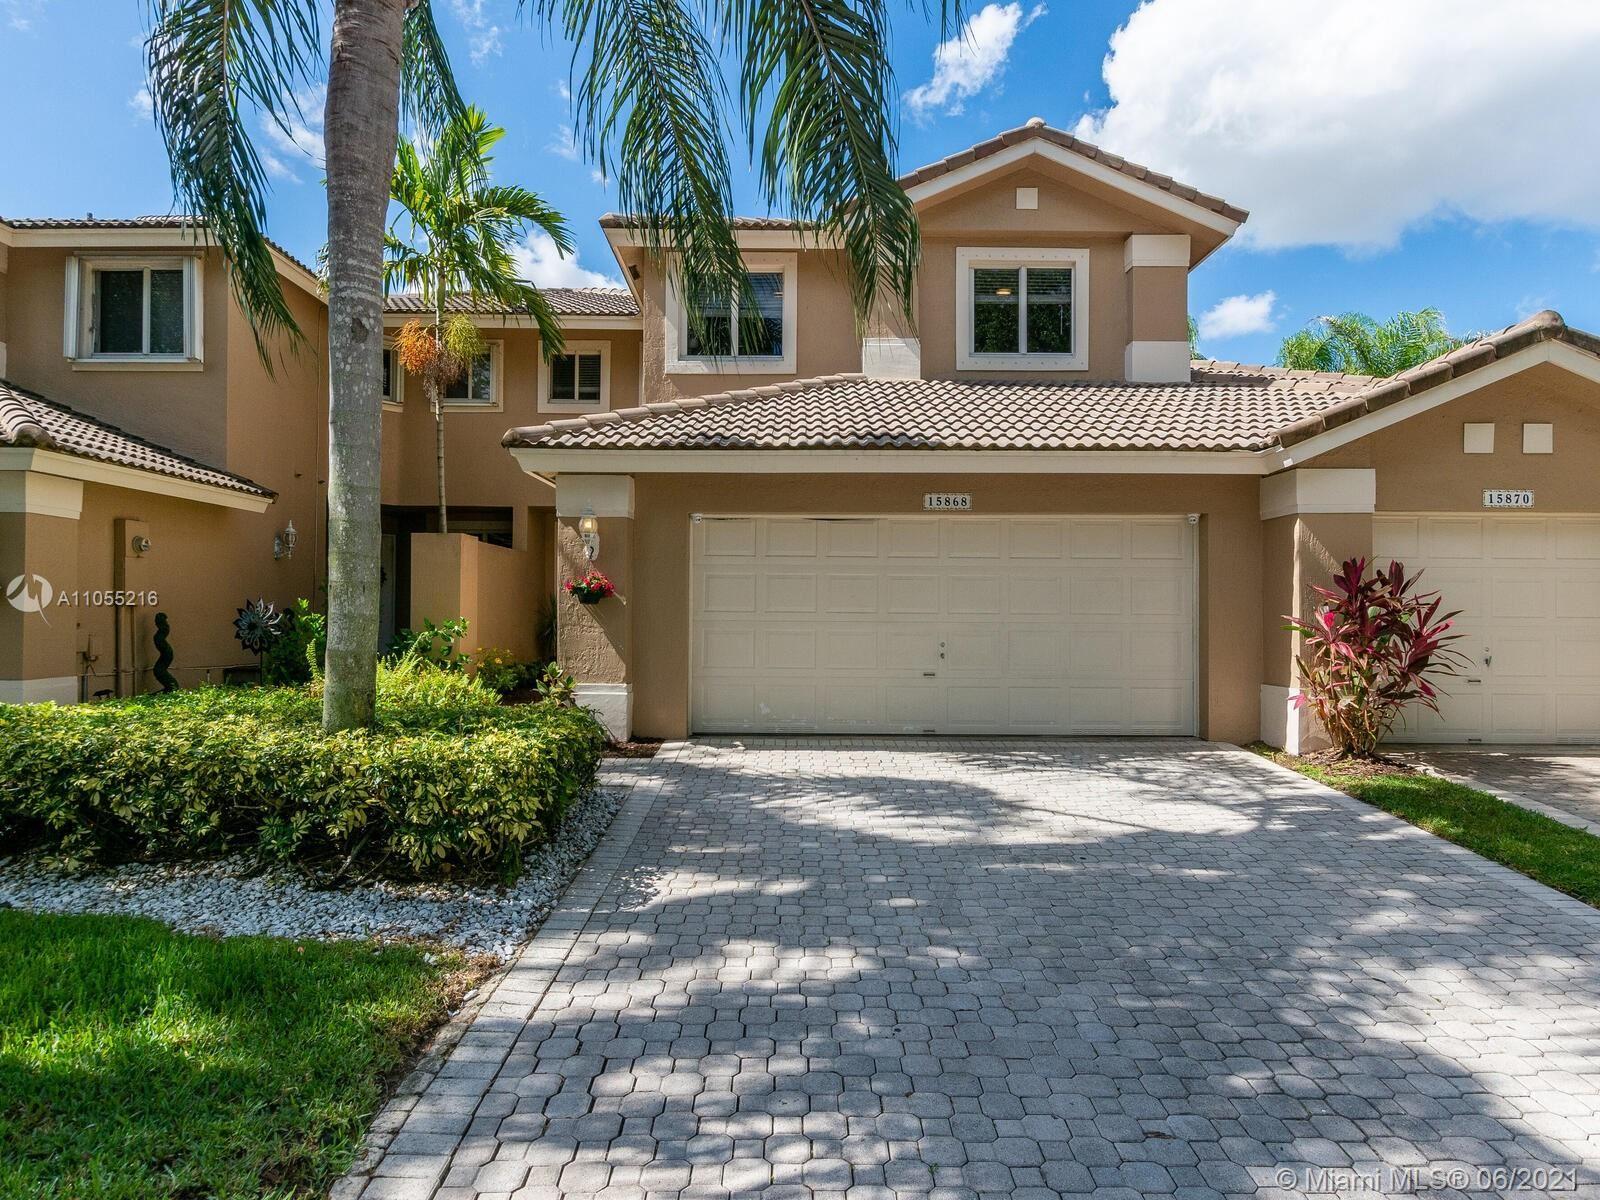 15868 SW 12th St, Pembroke Pines, FL 33027 - #: A11055216